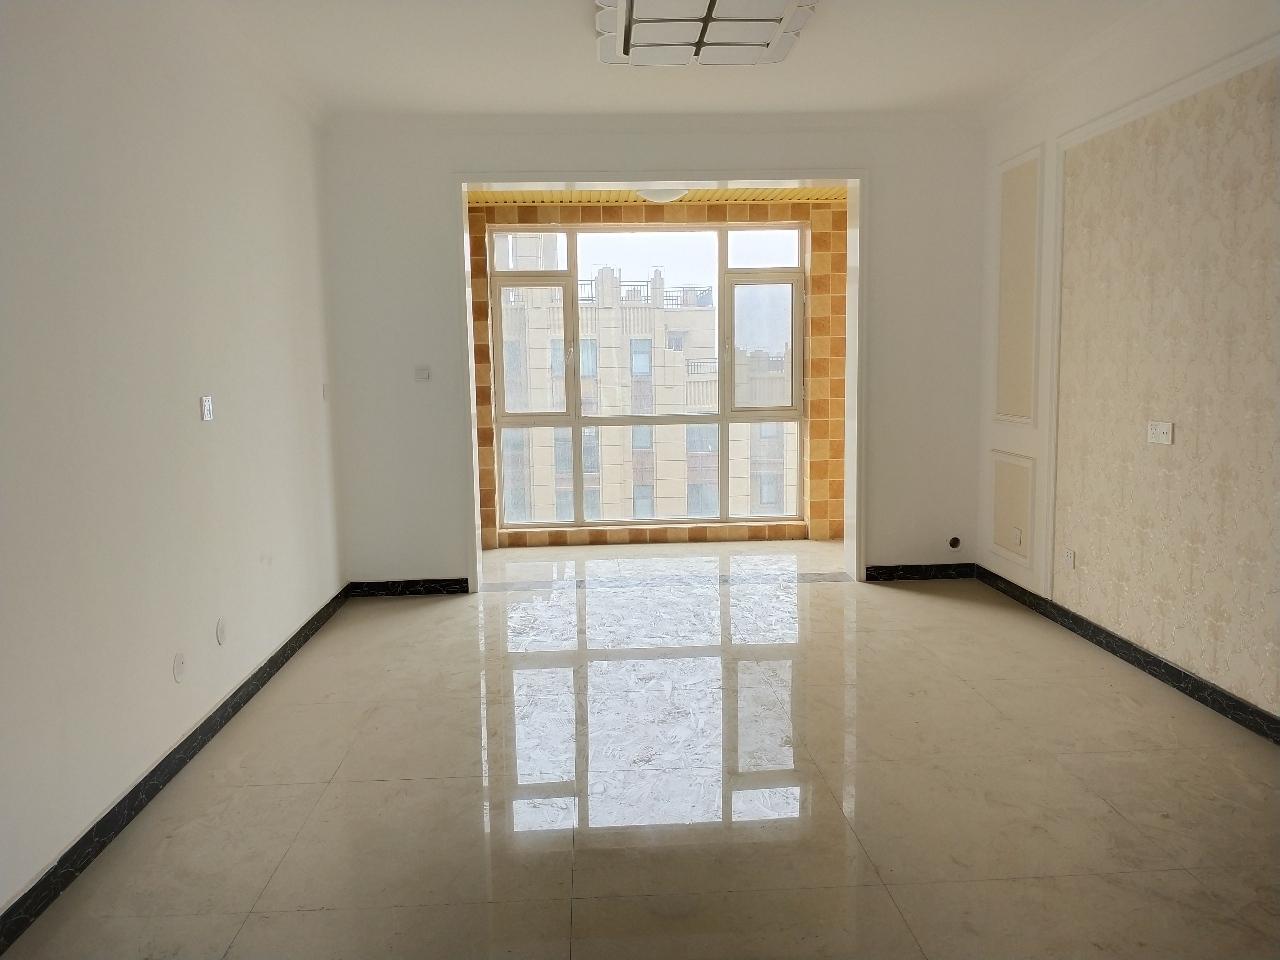 建业壹号城邦3室2厅2卫新装未住税满2